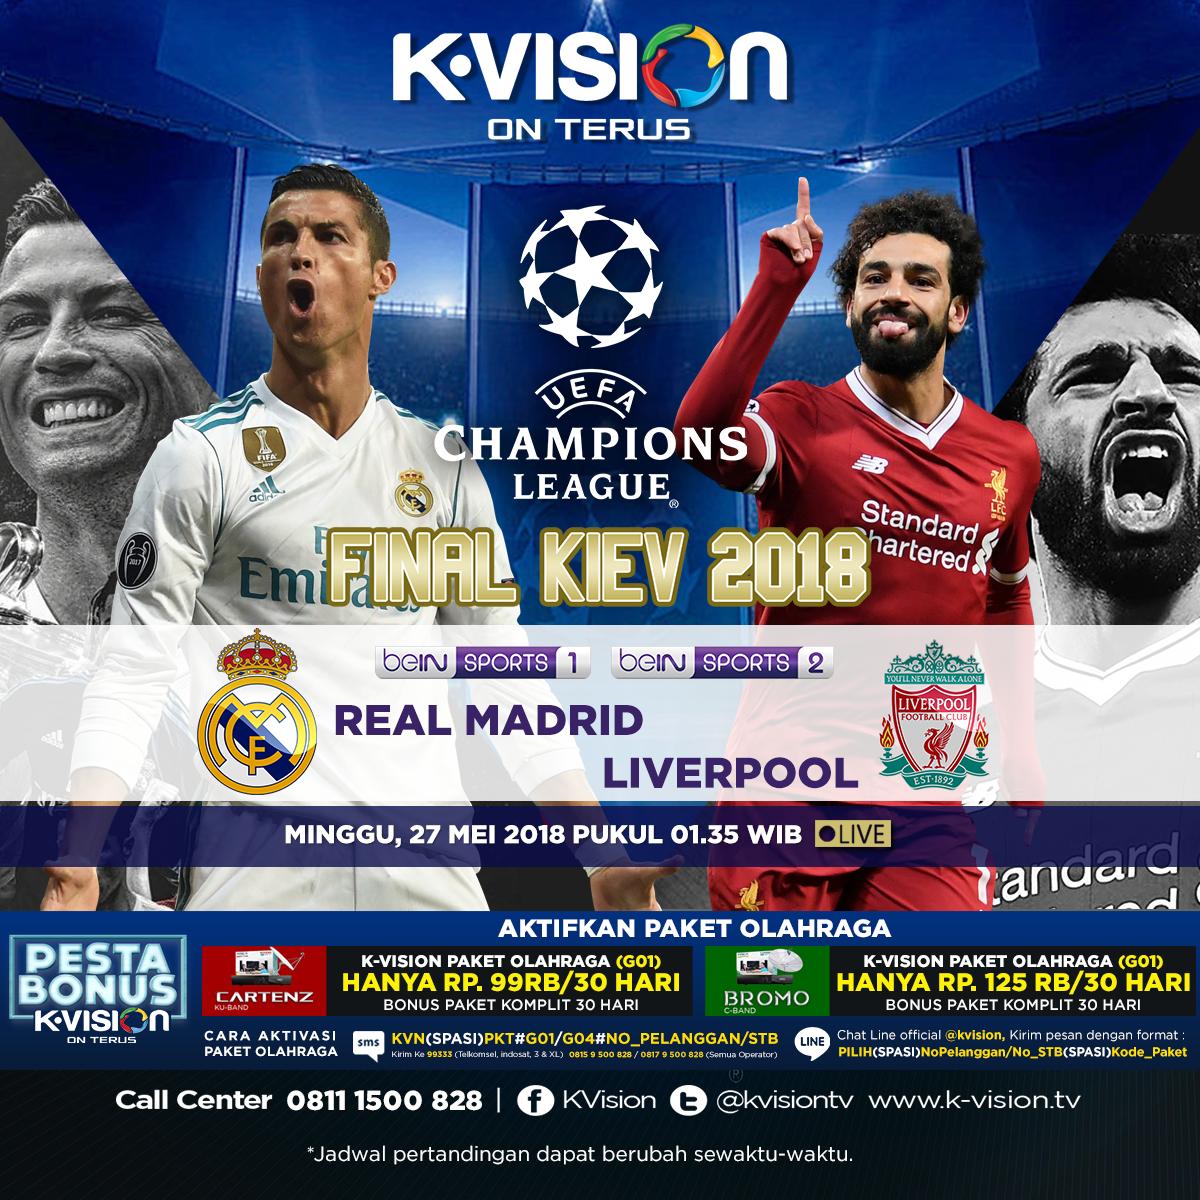 Jual Paket Sport Kvision C Band Bromo Termurah 2018 Mdl 038g Digital Voltmeter 036 Dc 47v 32v 2 Kabel Nyala Biru On Twitter Tinggal Dua Hari Lagi Final Liga Champions Akan